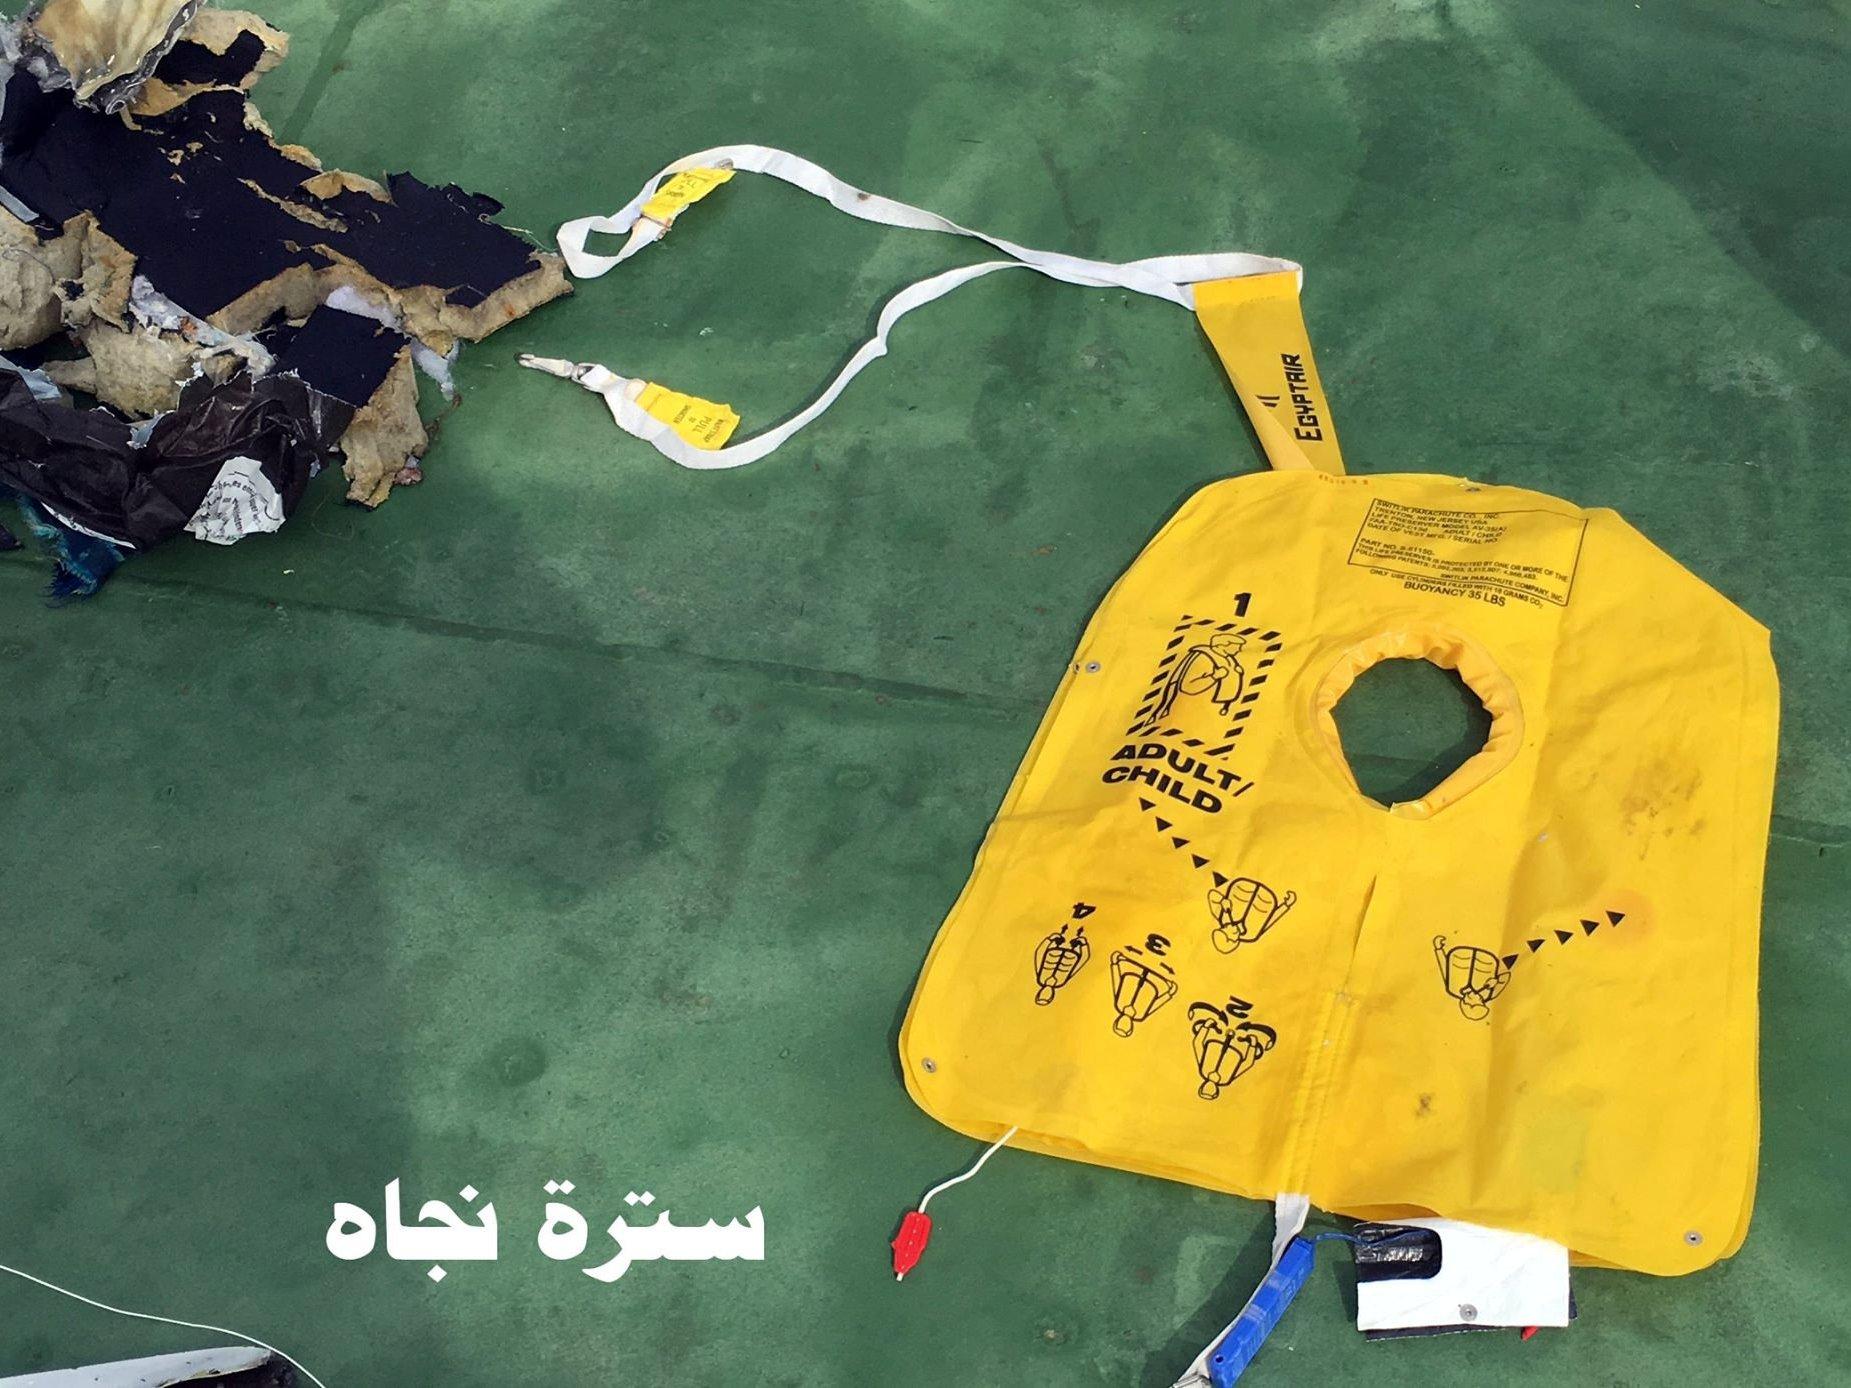 Lanzamiento del submarino robot Egipto 804